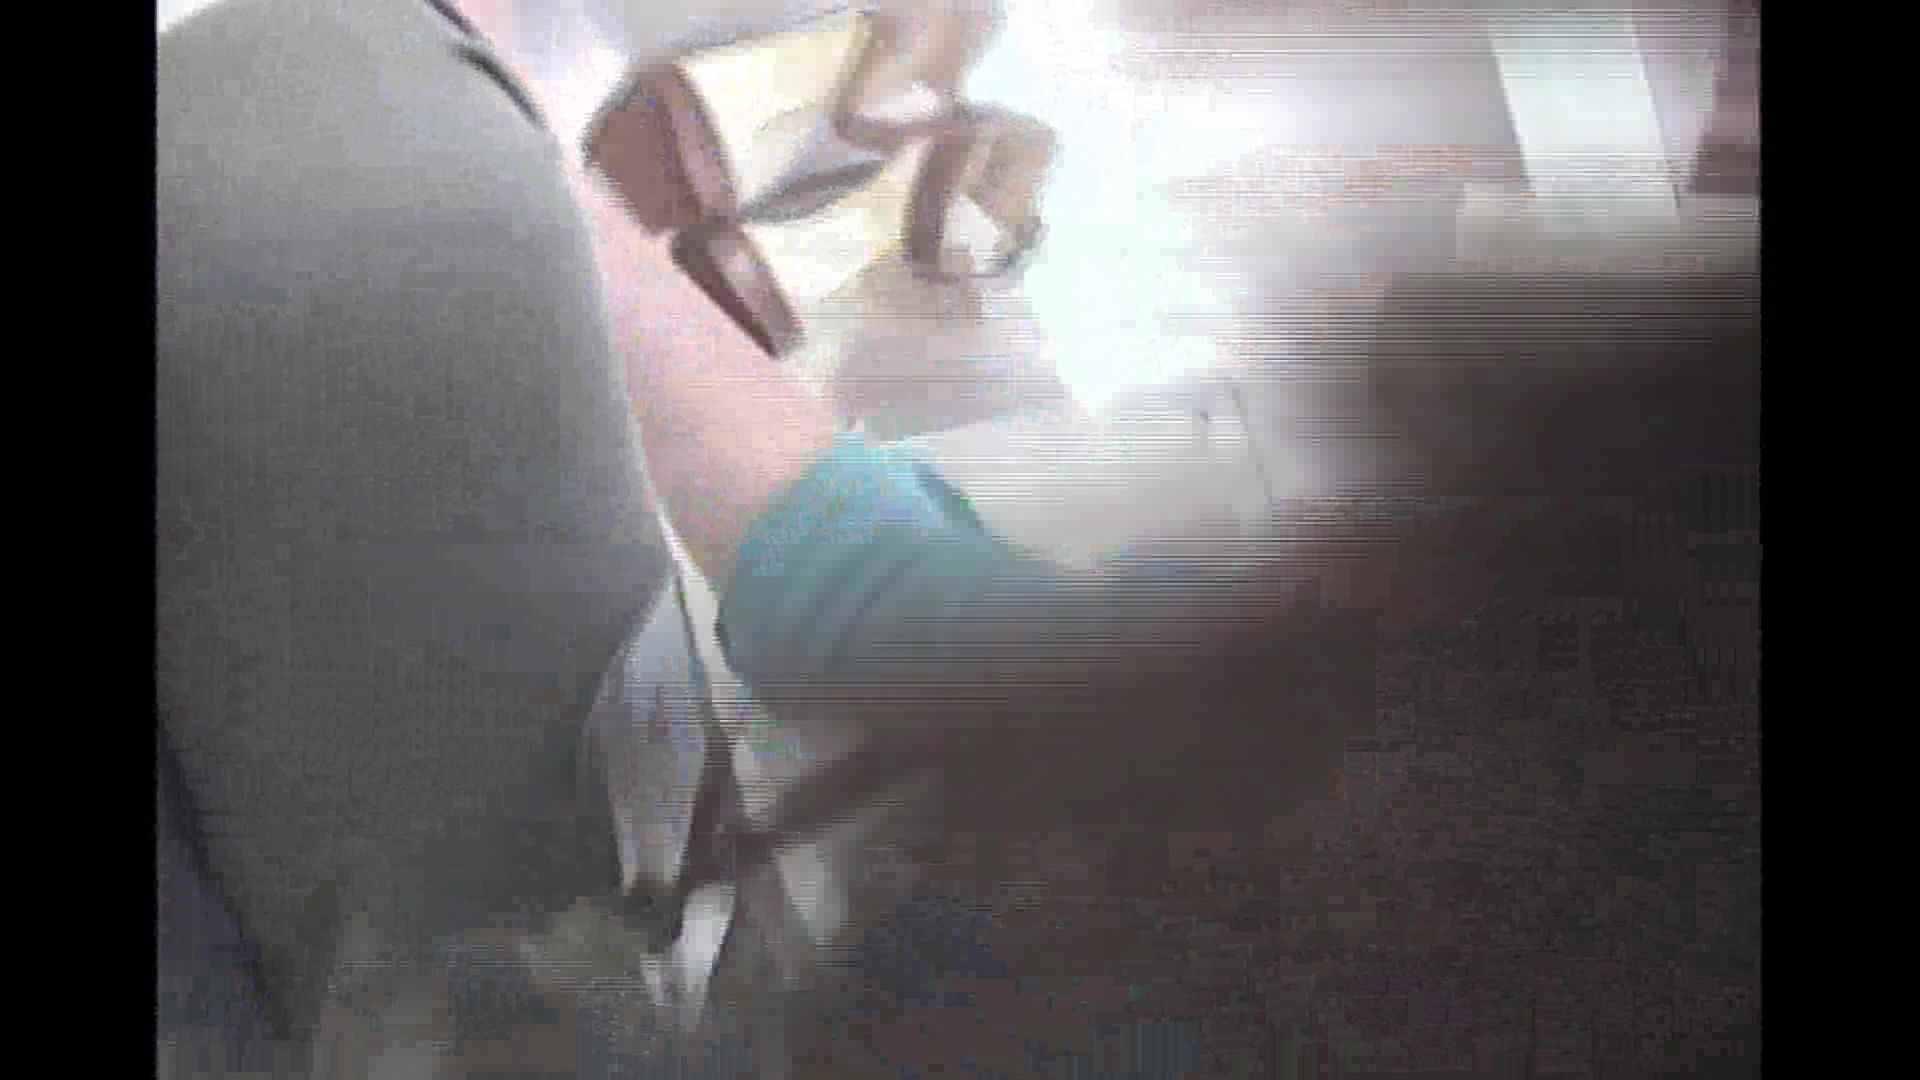 働く美女の谷間参拝 Vol.04 コスチューム オマンコ無修正動画無料 94pic 35